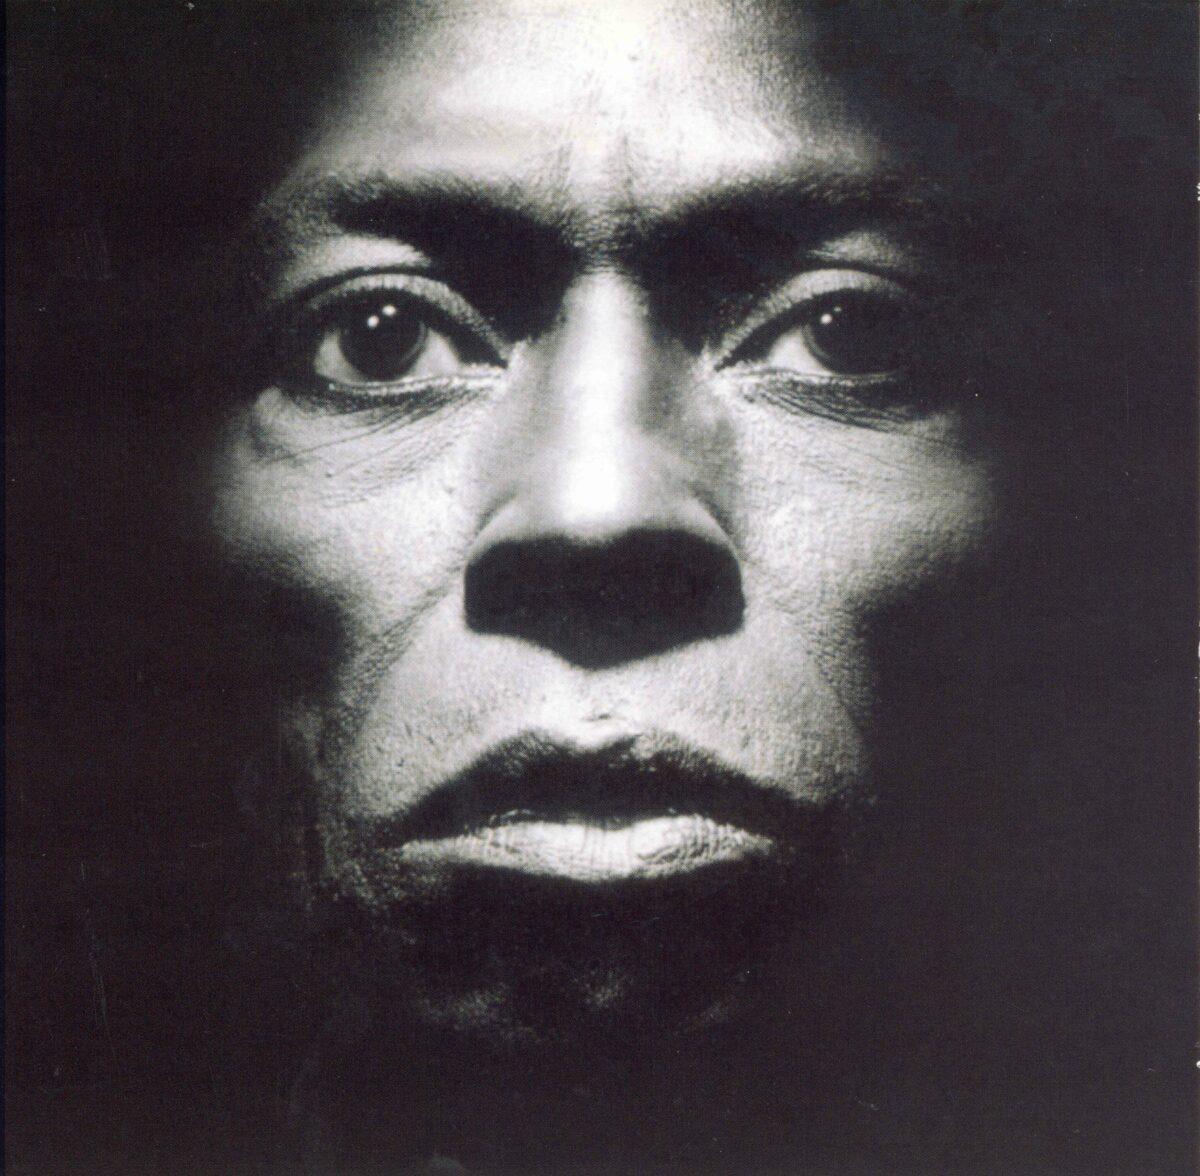 Der legendäre Miles Davis: